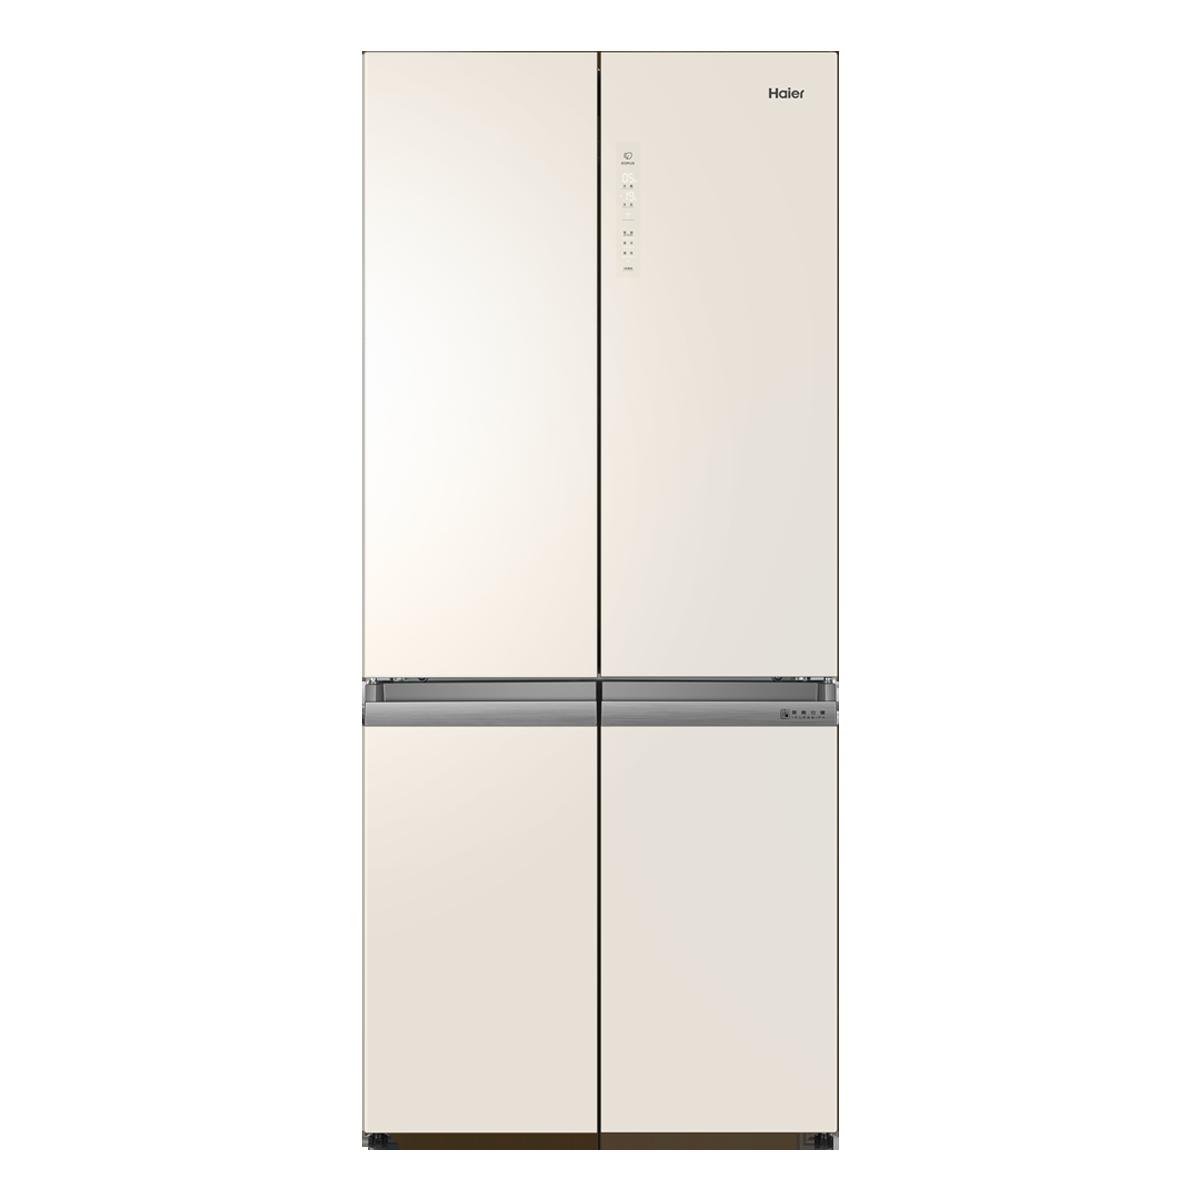 海尔Haier冰箱 BCD-501WDGLU1 说明书